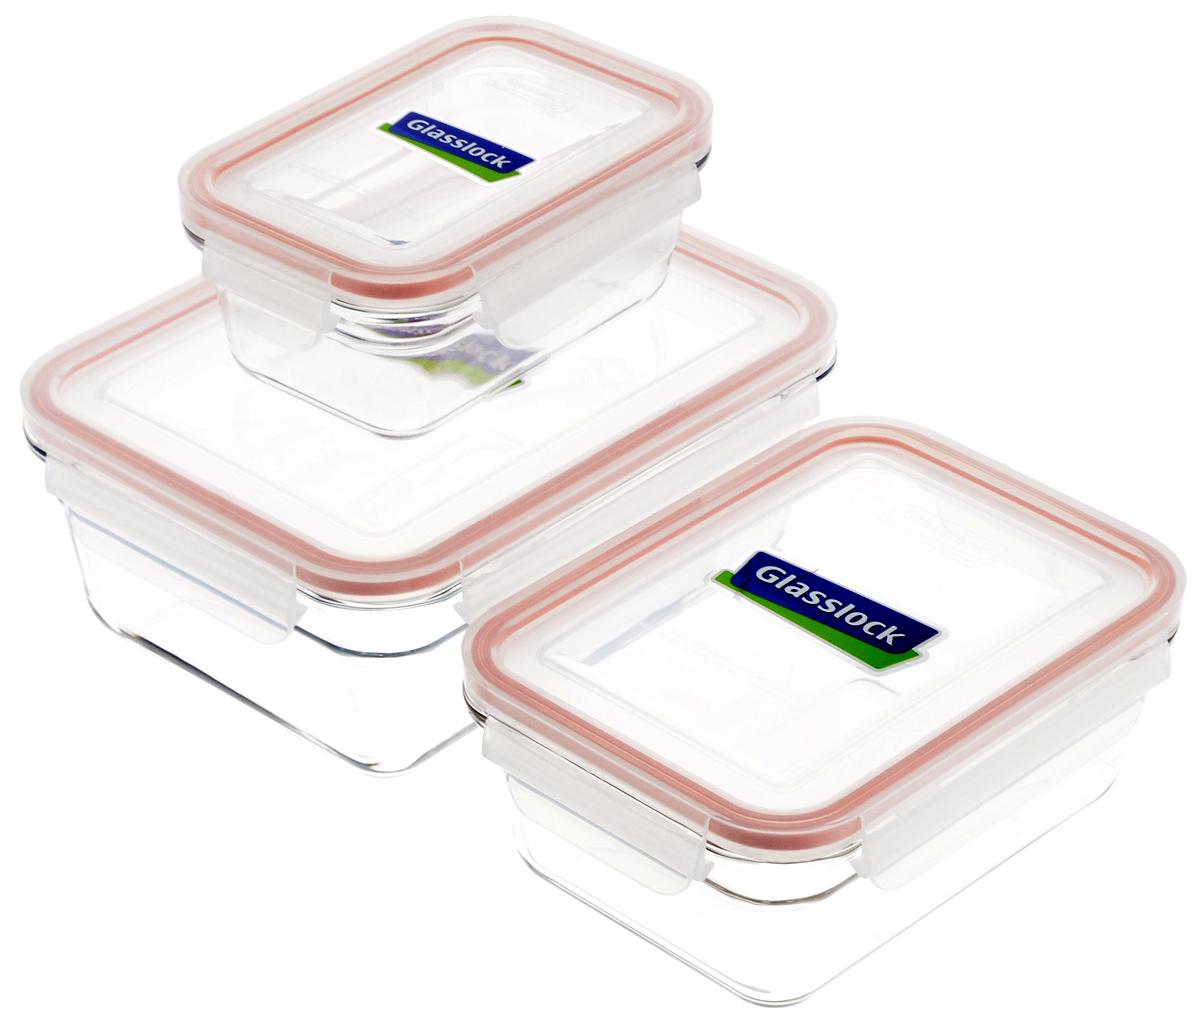 Набор контейнеров для запекания Glasslock, цвет: прозрачный, оранжевый, 3 шт. GL-529GL-529Набор Glasslock состоит из трех контейнеров разного объема. Контейнеры выполнены из высококачественного закаленного стекла и оснащены герметичными крышками с уплотнительными резинками, они надежно закрываются с помощью защелок. Изделия предназначены для приготовления пищи в микроволновой печи и духовом шкафу без пластиковой крышки (+230°С). Контейнеры прозрачные, что позволяет видеть содержимое, это очень удобно и практично. Они также подходят для хранения продуктов в холодильнике и морозильной камере. Такой набор подходит для повседневного использования. Также в нем можно приготовить салаты или запекать любимые блюда. Приятный дизайн подойдет практически для любого случая. Можно мыть в посудомоечной машине. Не использовать в духовке и микроволновой печи с крышкой. Объем: 485 мл; 970 мл; 1730 мл. Размер контейнеров (с учетом крышек): 15,5 х 10,5 х 6,5 см; 18,5 х 14 х 7,5 см; 21,5 х 16,5 х 8,5 см.